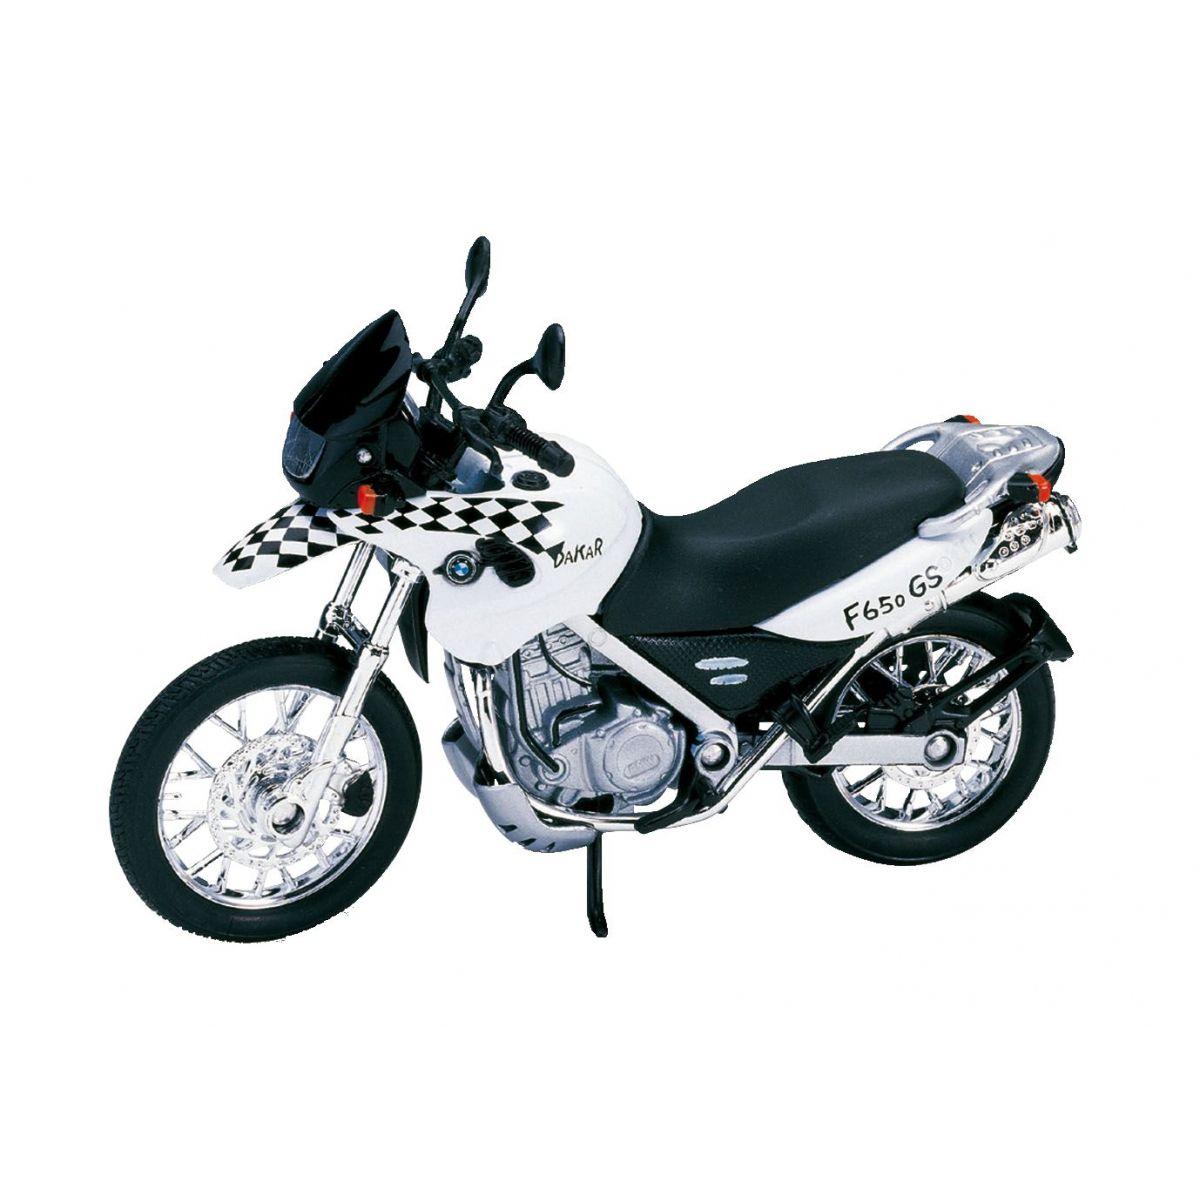 Dromader Welly Motorka 11cm - BMW F650 GS Dakar